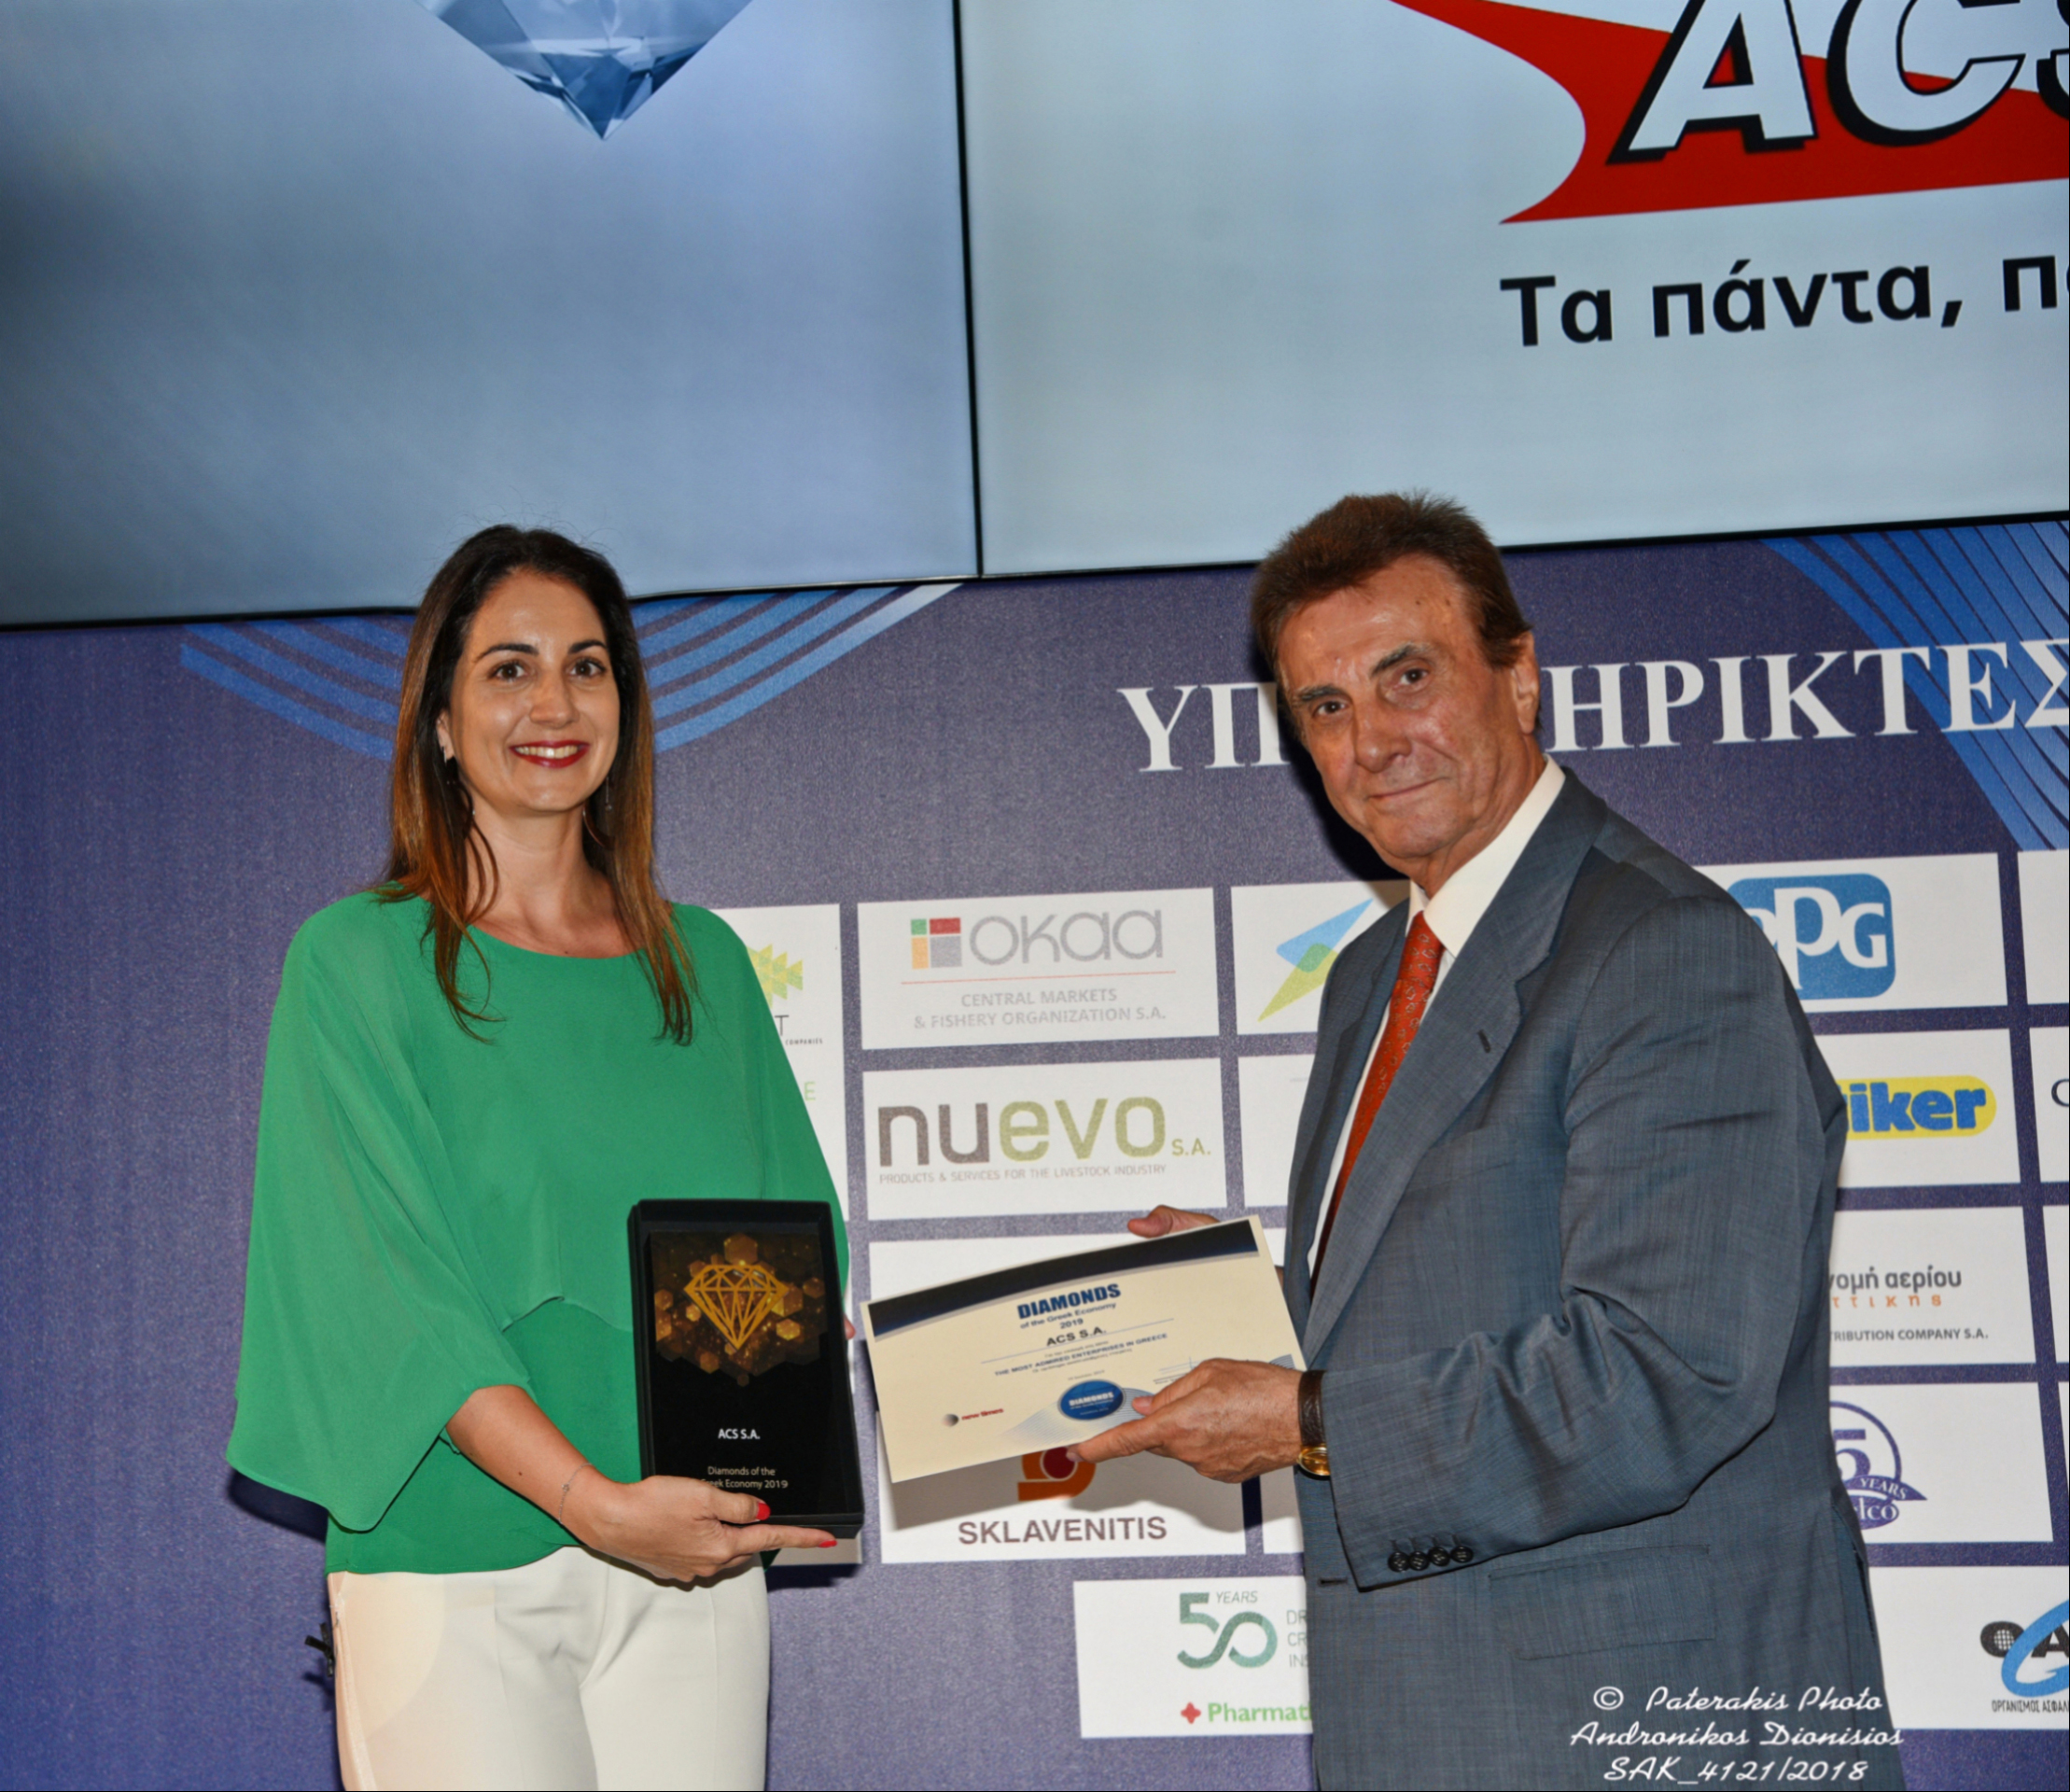 Η κα Έλια Χάραρη, Διευθύντρια Marketing της ACS, παραλαμβάνει εκ μέρους της εταιρείας το βραβείο 'Diamonds of the Greek Economy 2019'.